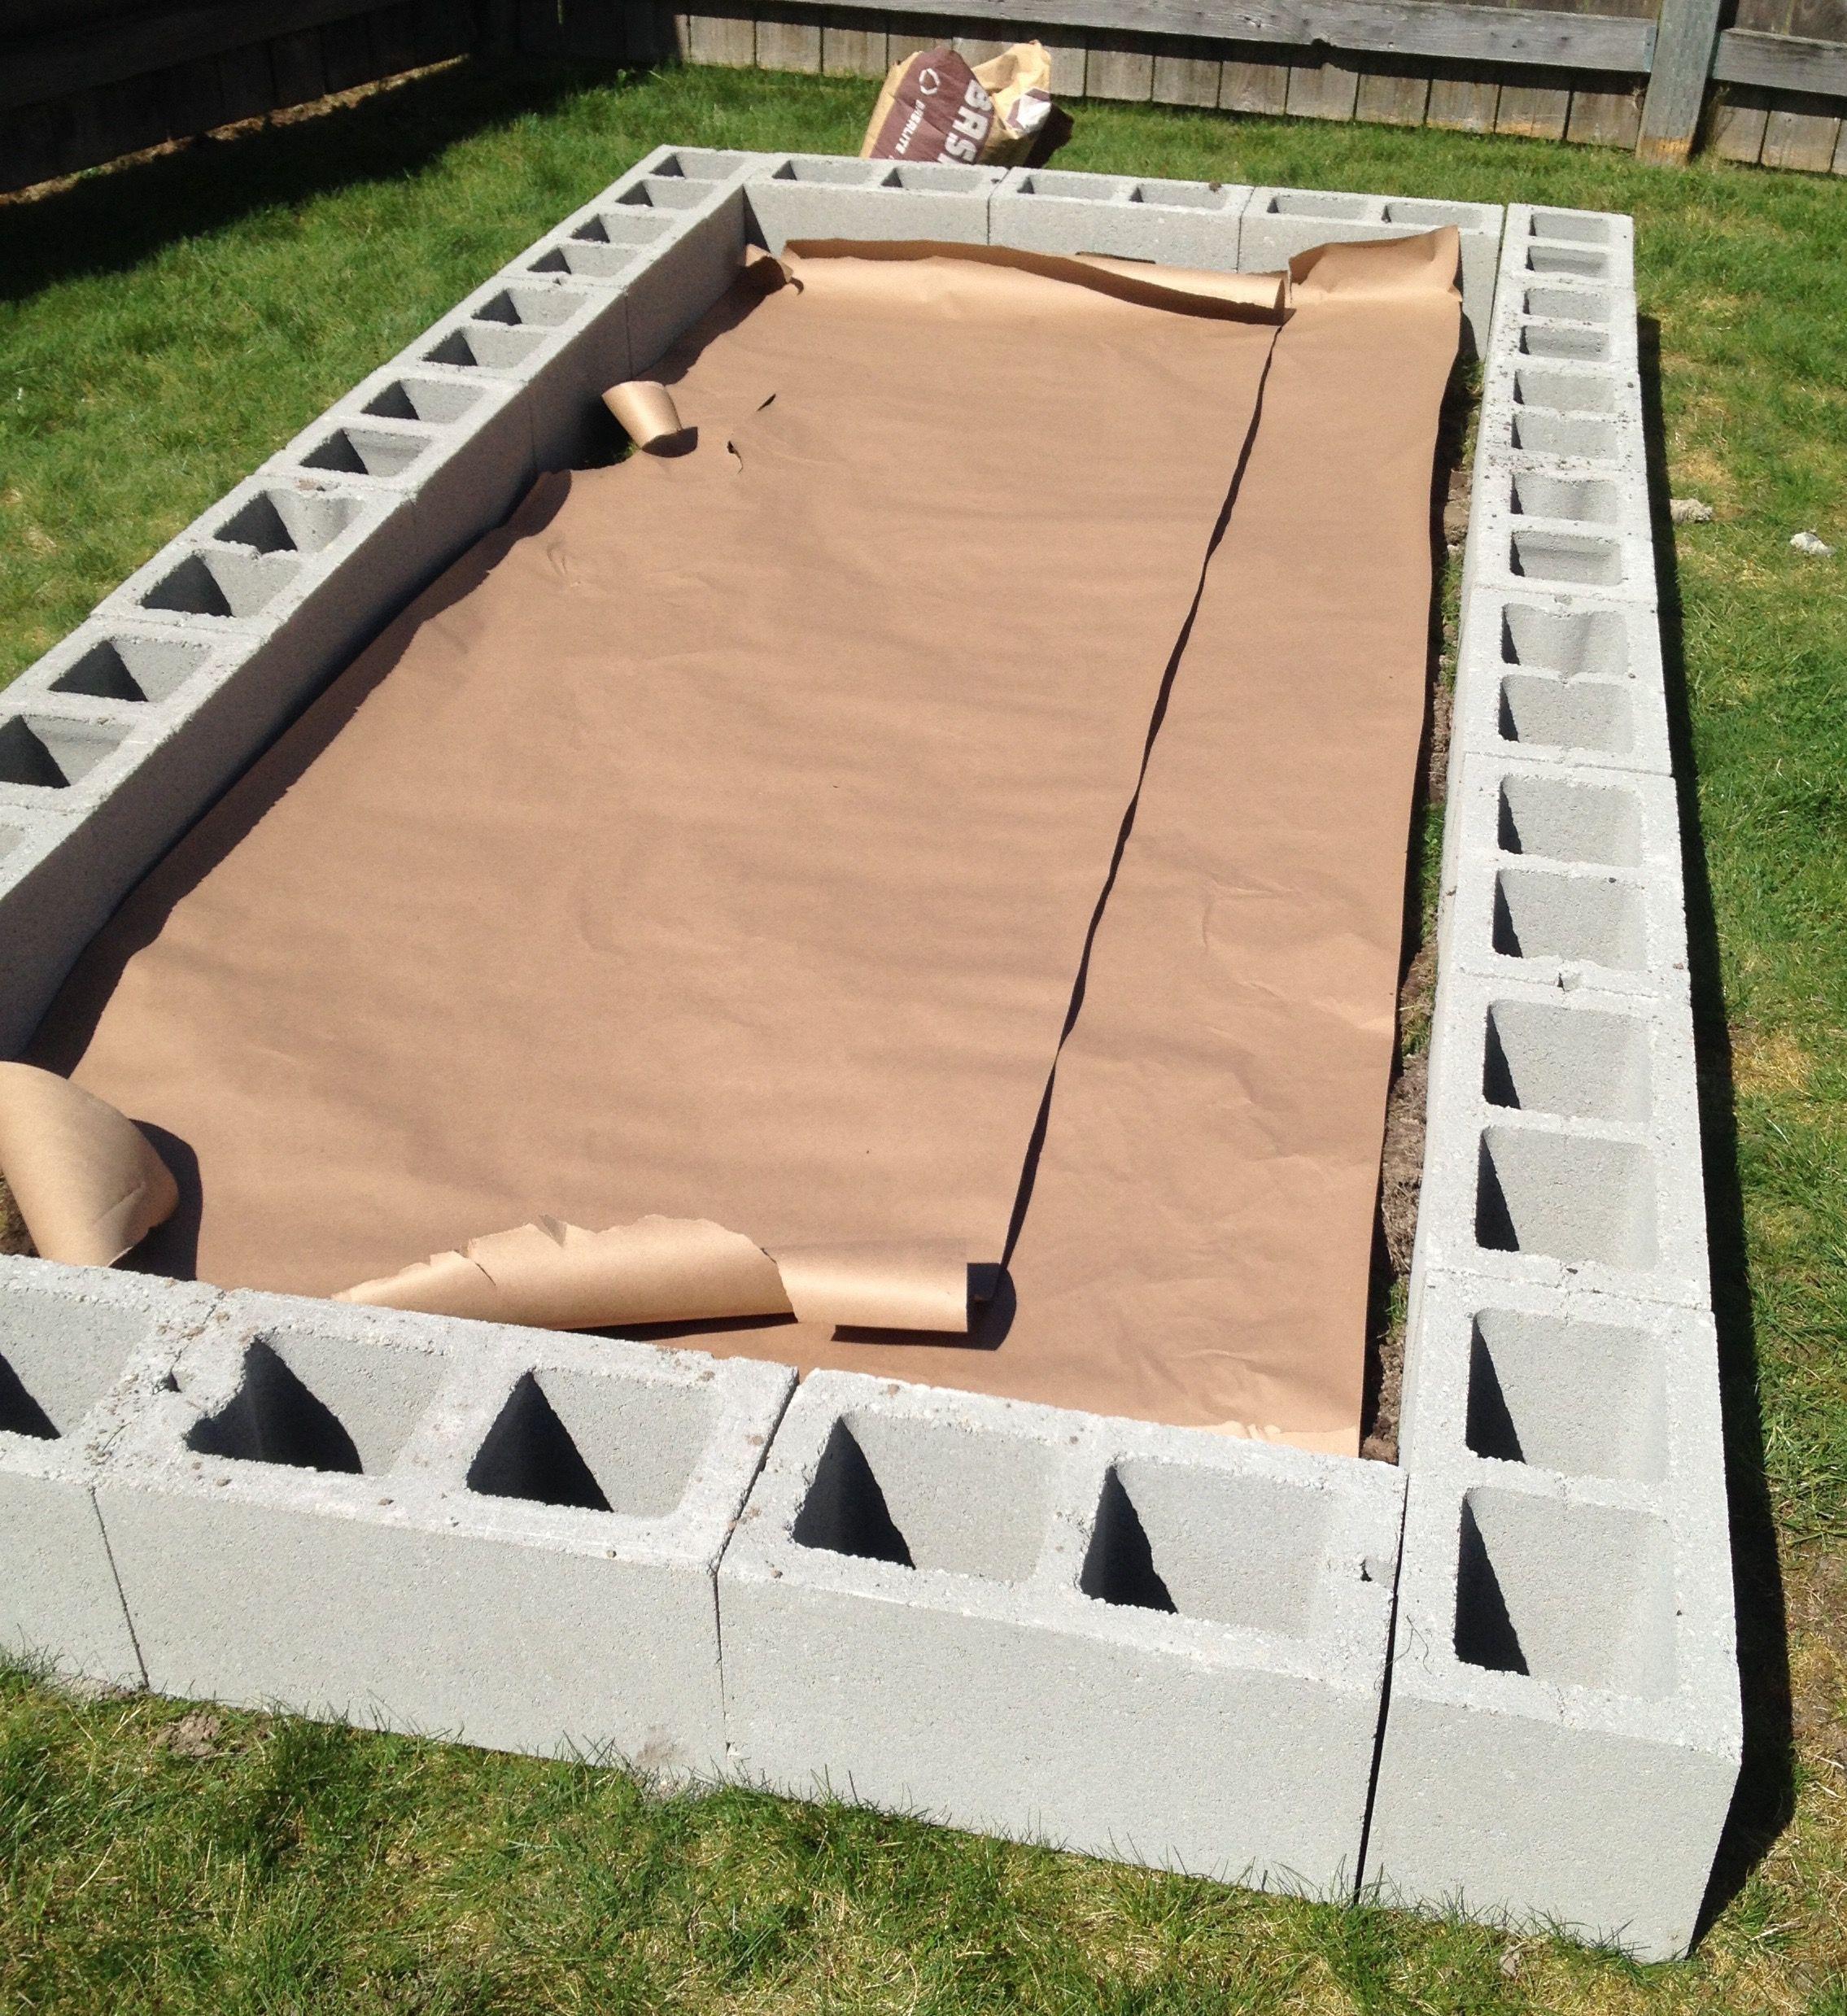 Concrete Block Garden Bed: 24 Cinderblock Garden Idaes